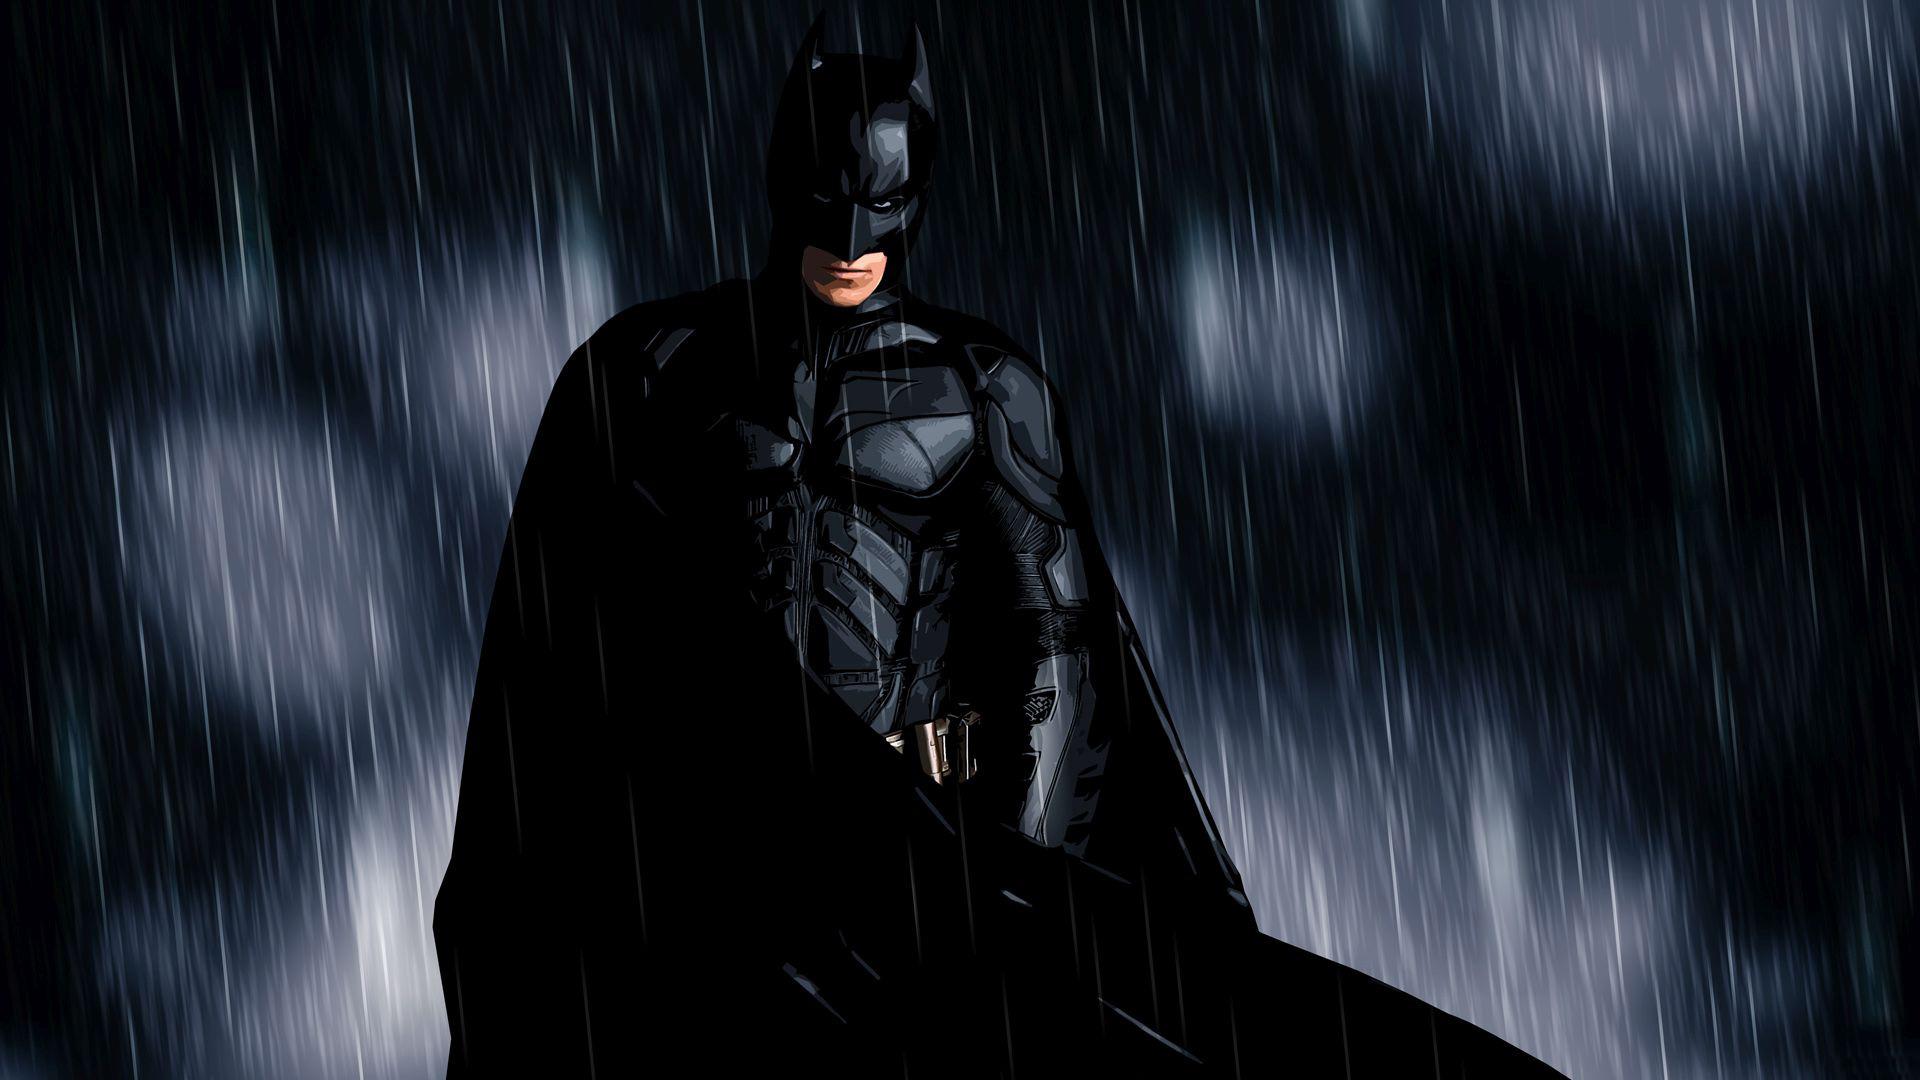 Batman   The Dark Knight wallpaper 20387 1920x1080